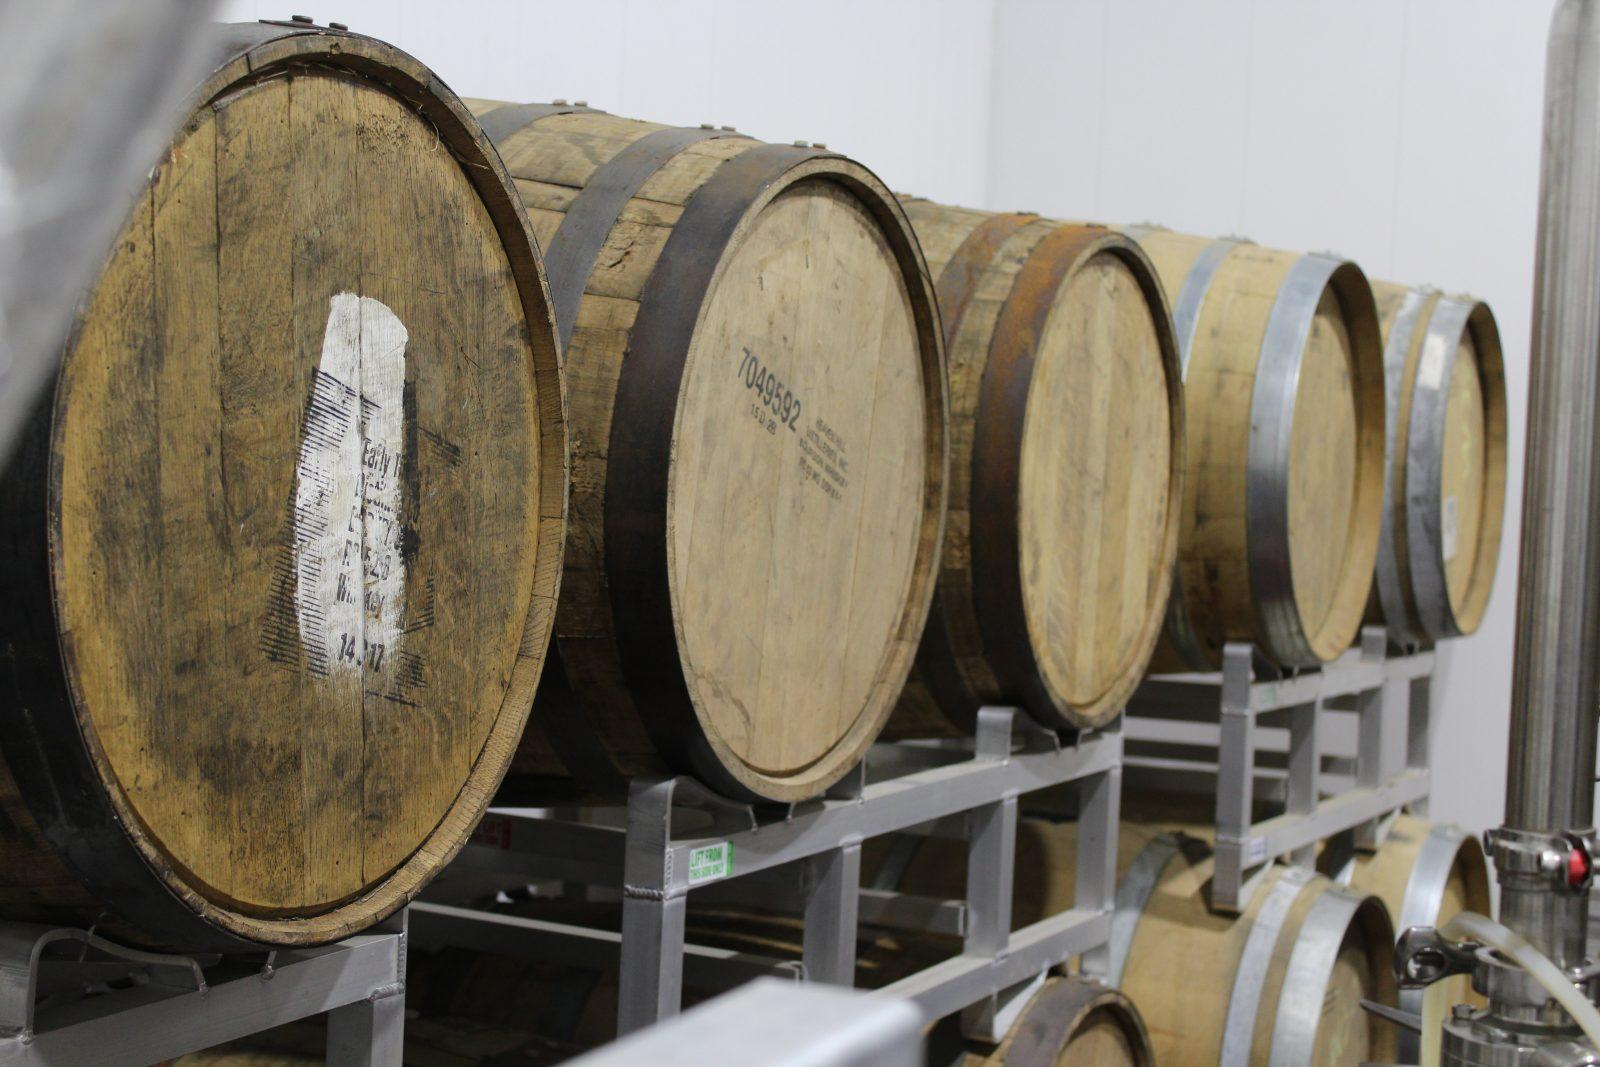 La St-Pancrace passe à la canette et aux bières barriquées